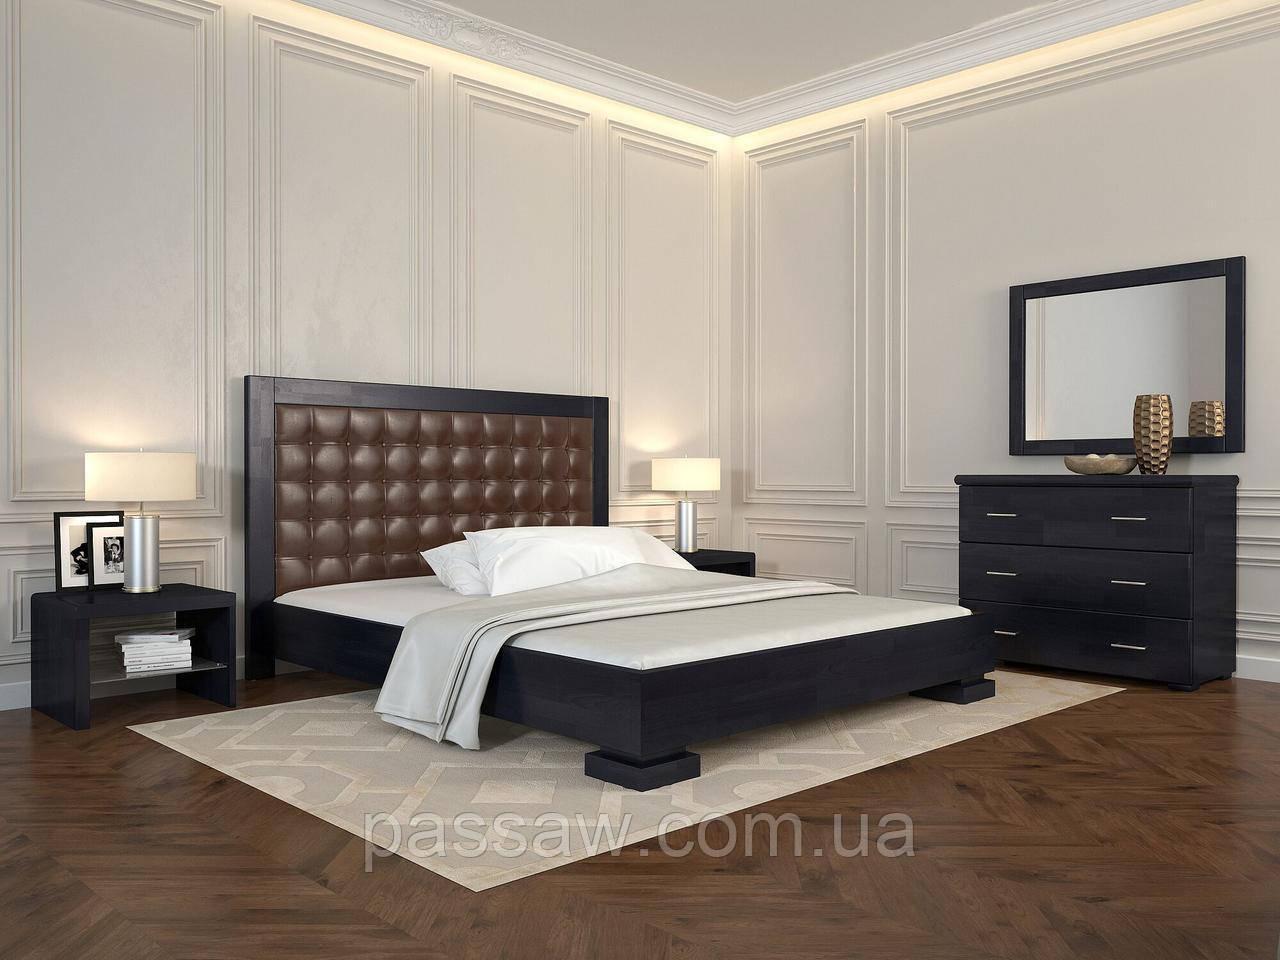 """Кровать деревянная ARBOR DREV  """"Подиум квадраты"""" 1,6 бук"""